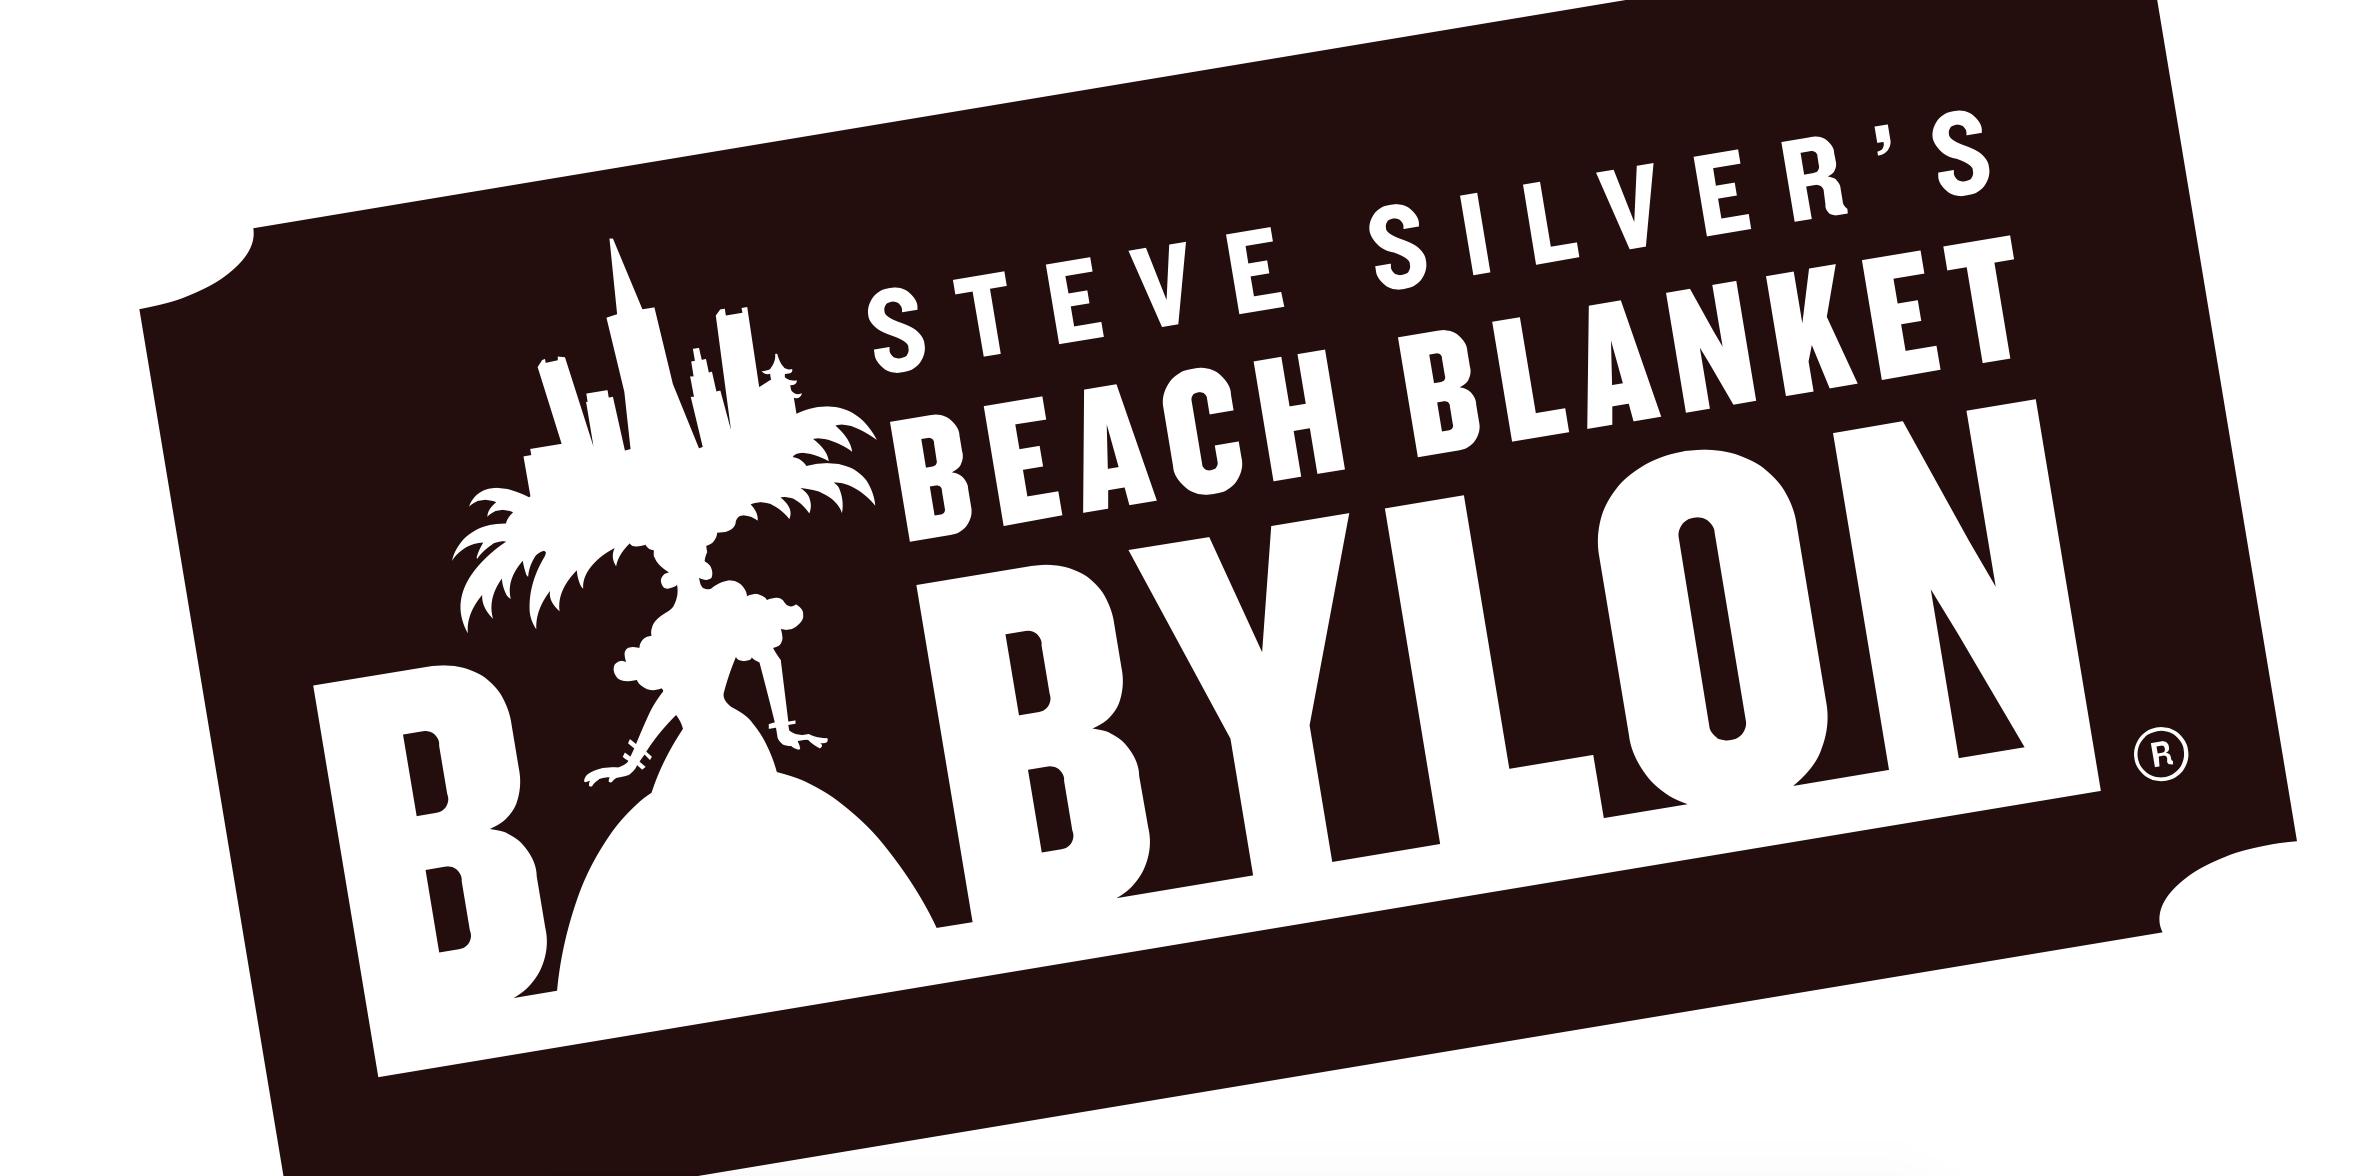 bachelorette party ideas in SF: beach blanket babylon